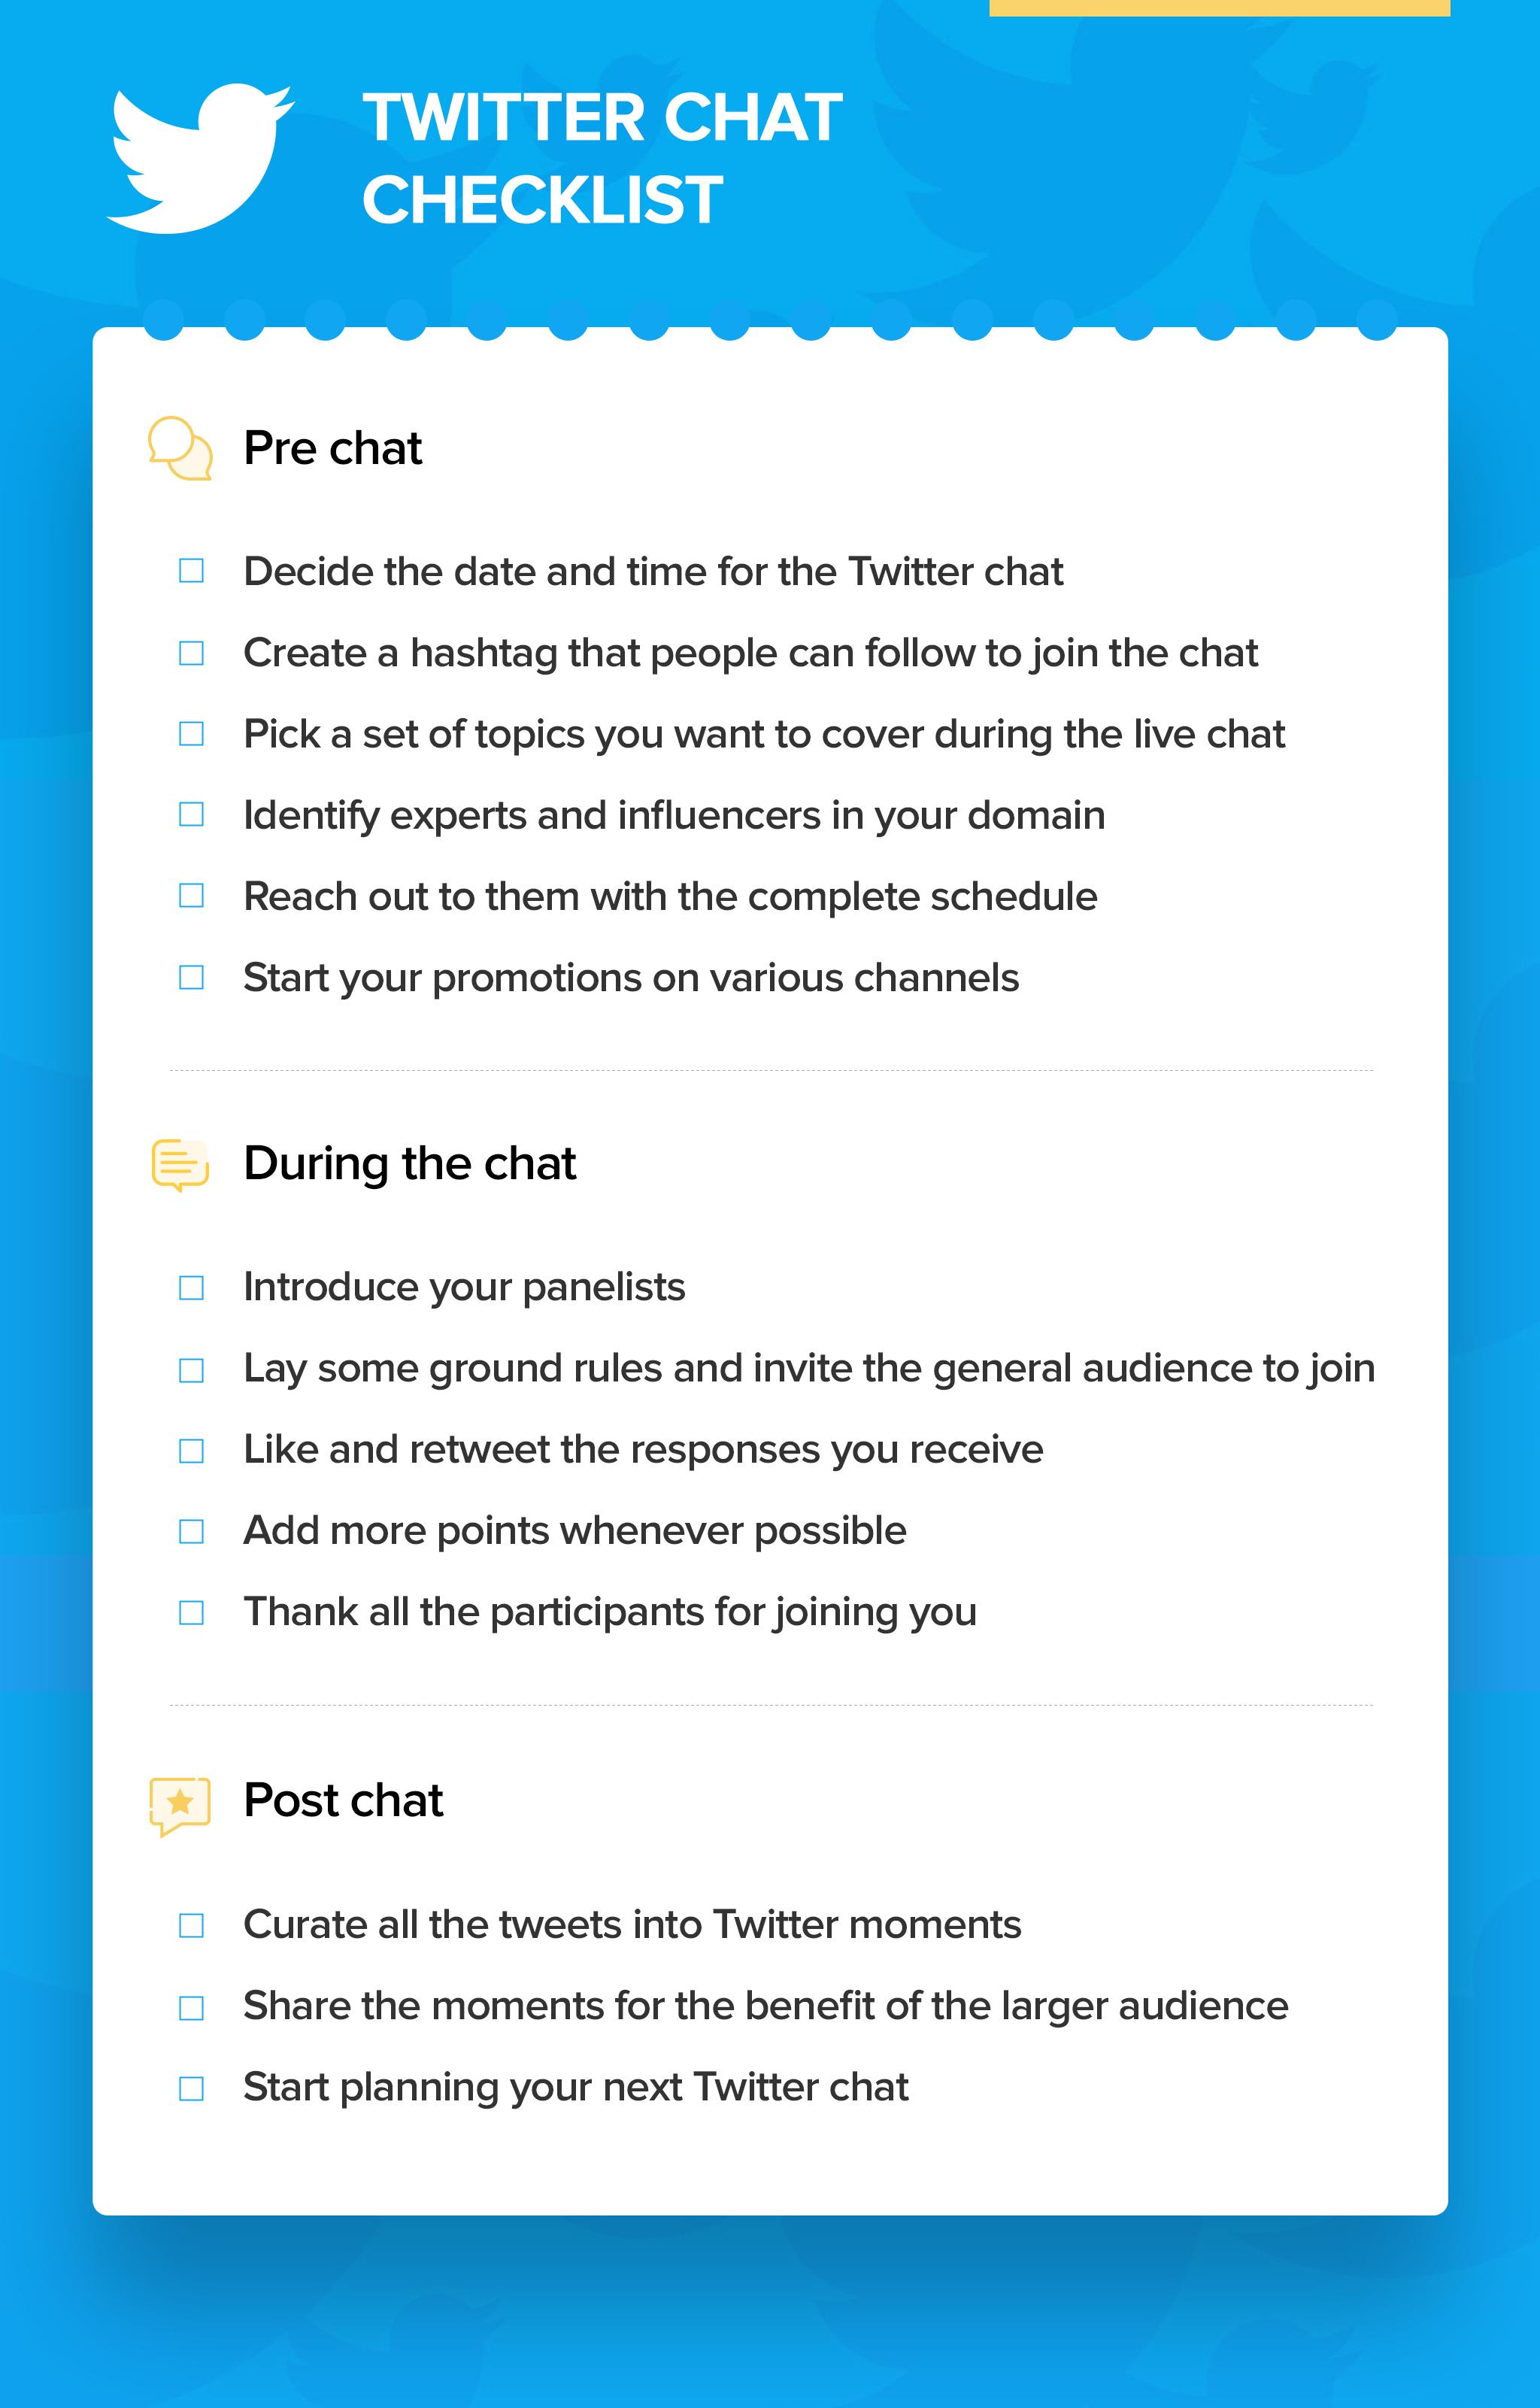 Tweet-chat-checklist